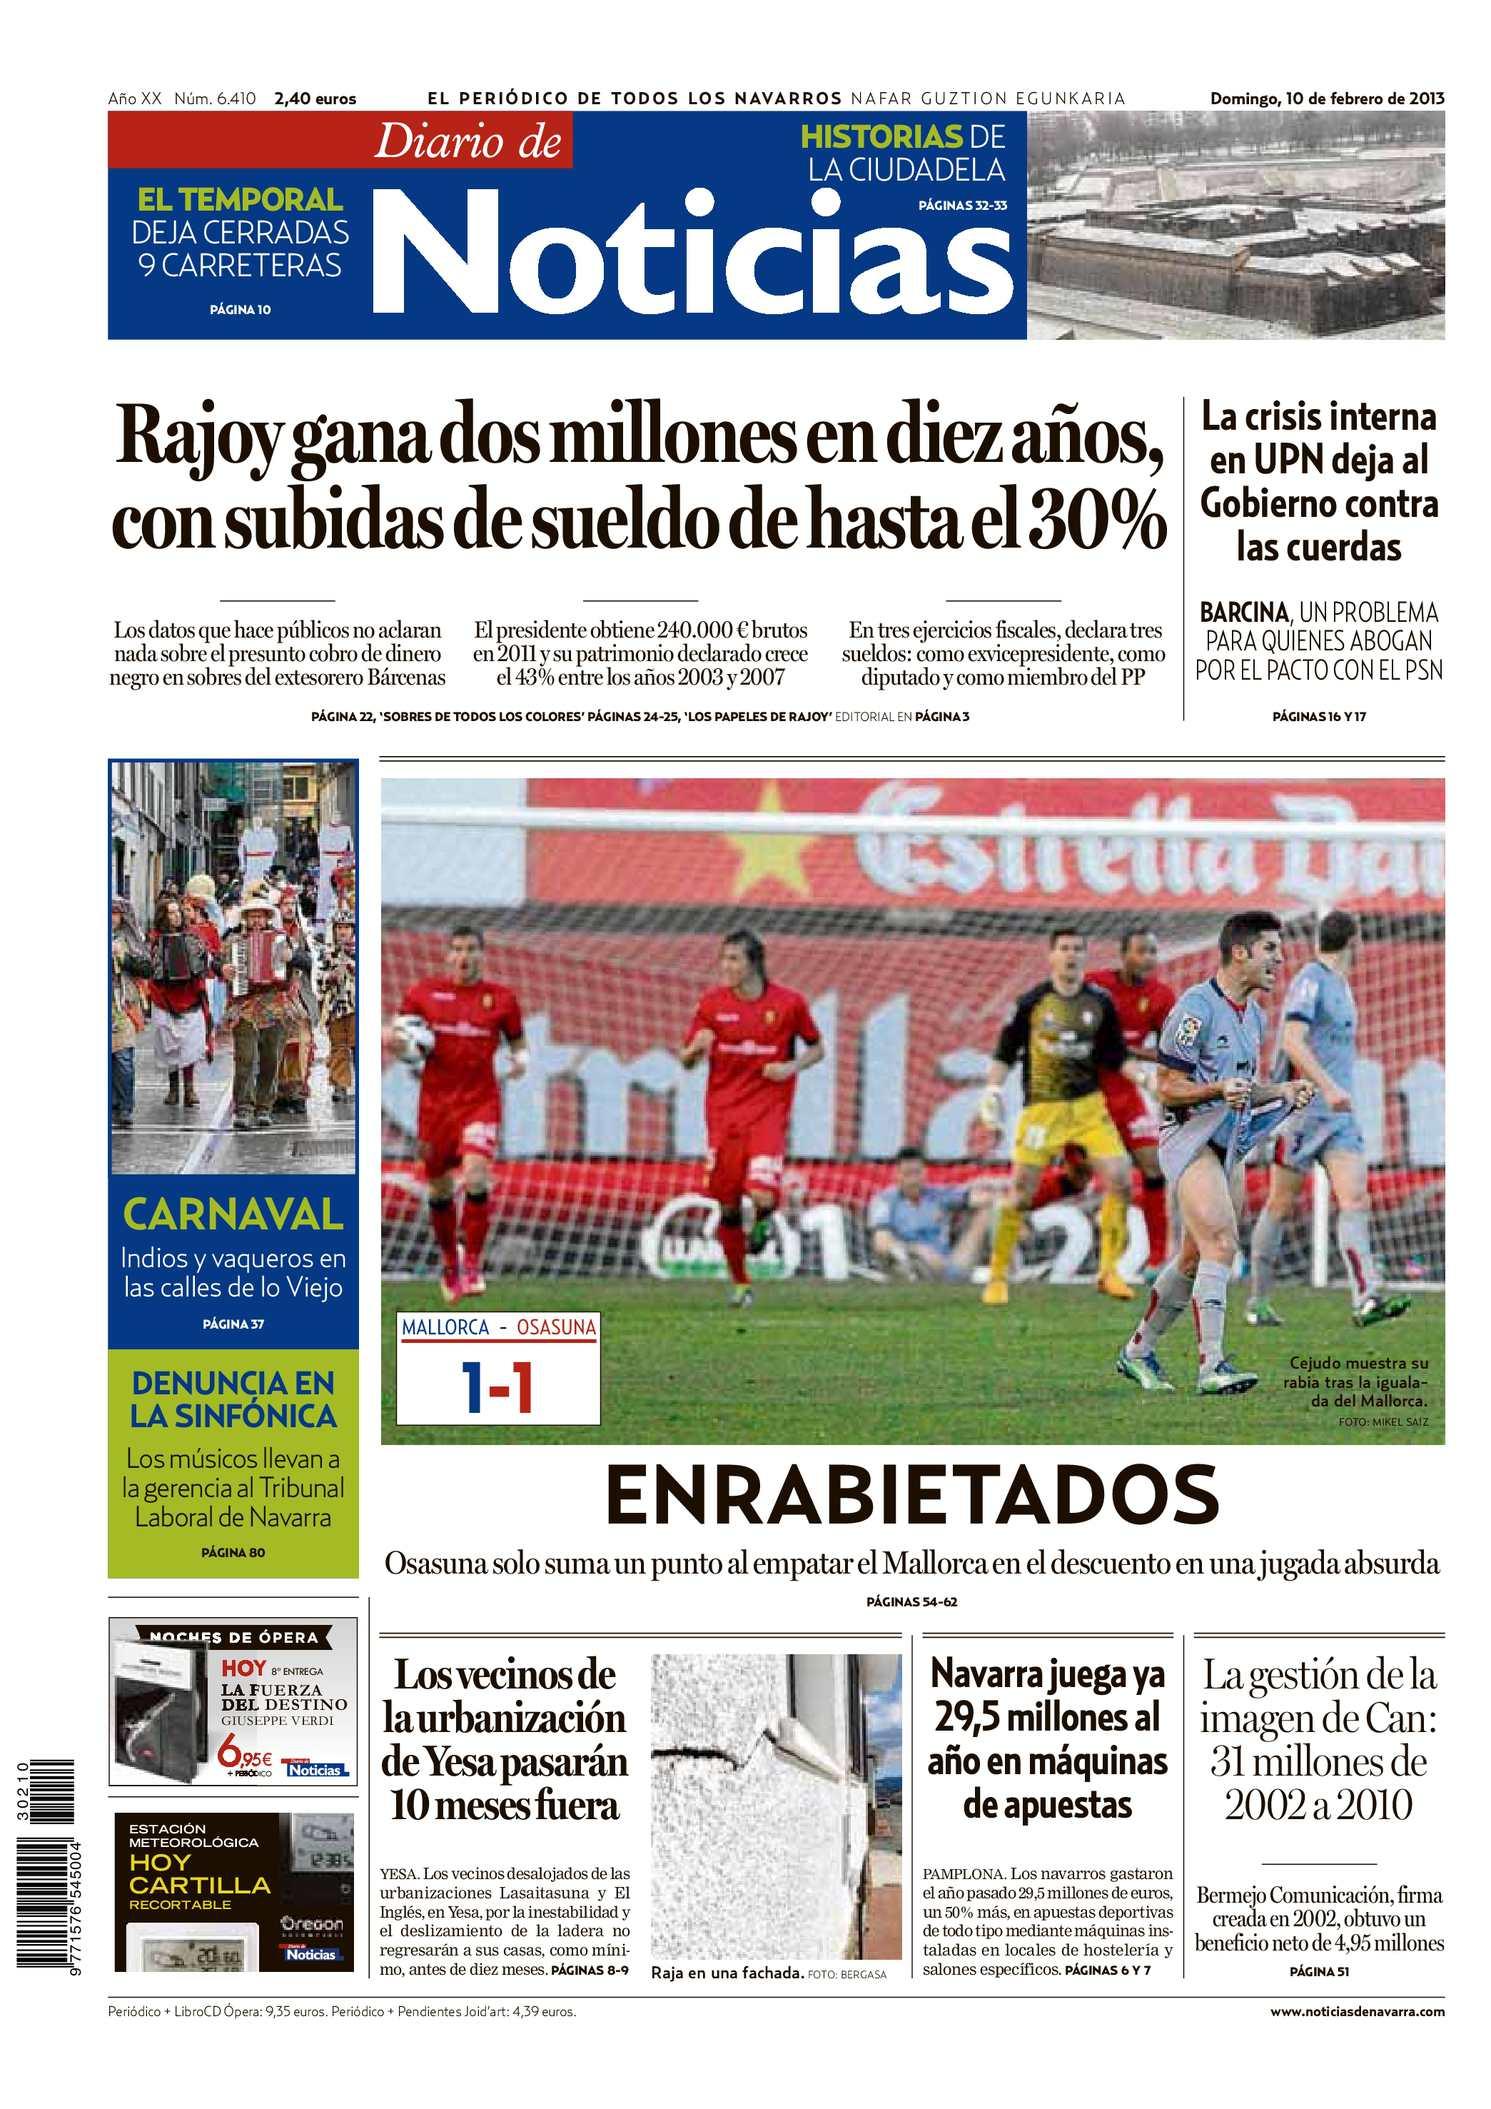 Calaméo - Diario de Noticias 20130210